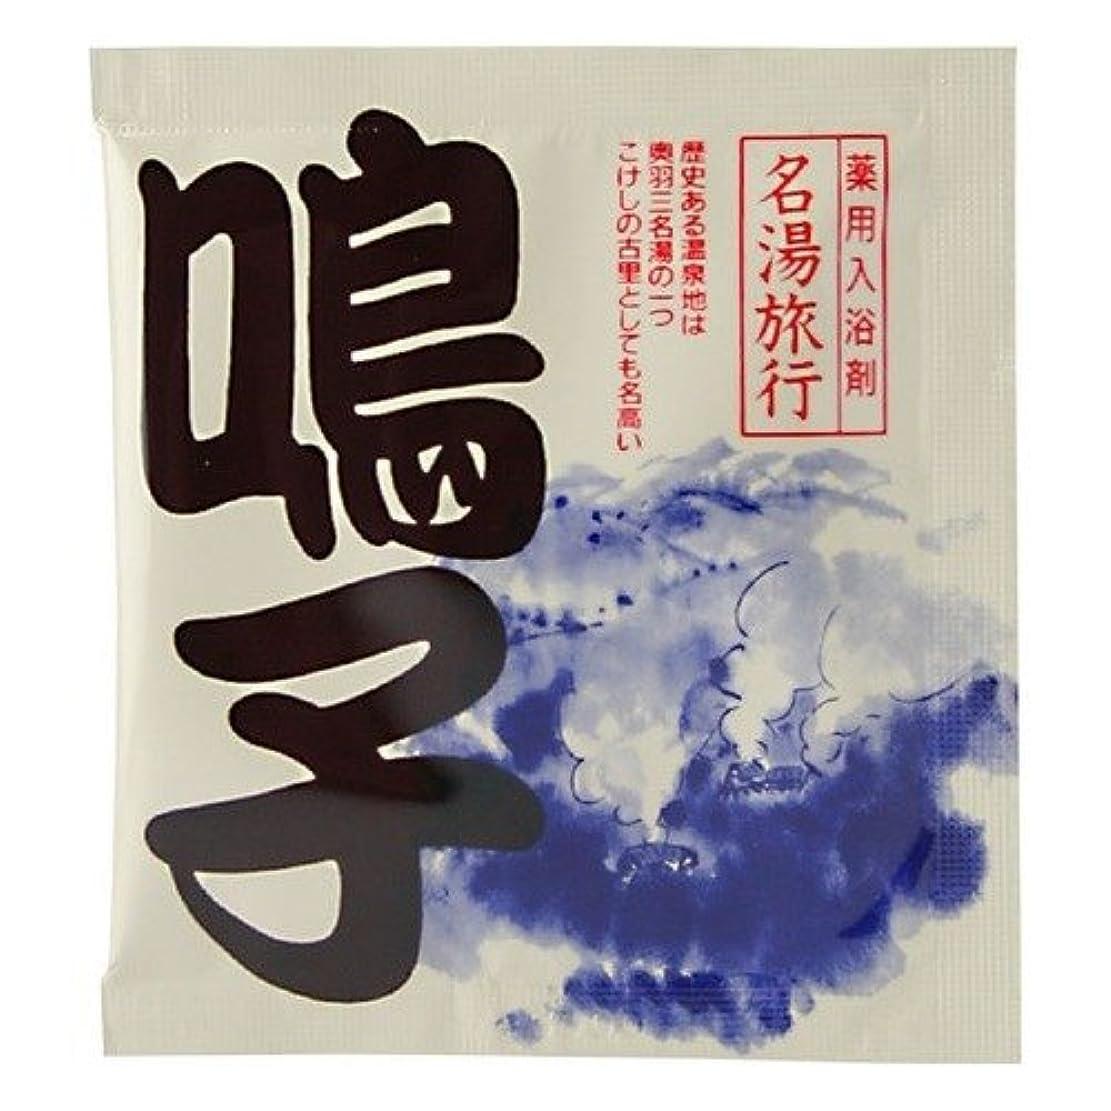 旅客吸う音五洲薬品 名湯旅行 鳴子 25g 4987332126713